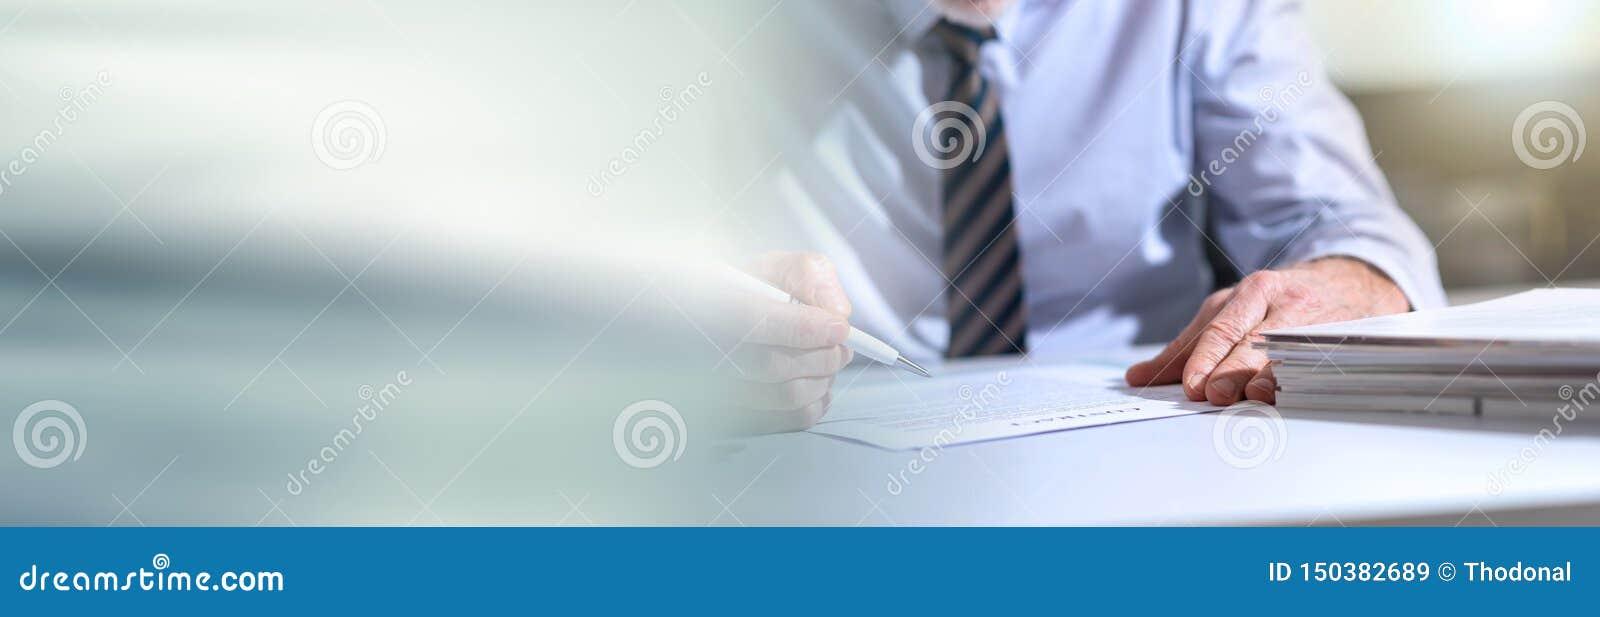 Biznesmen sprawdza dokument sztandar panoramiczny